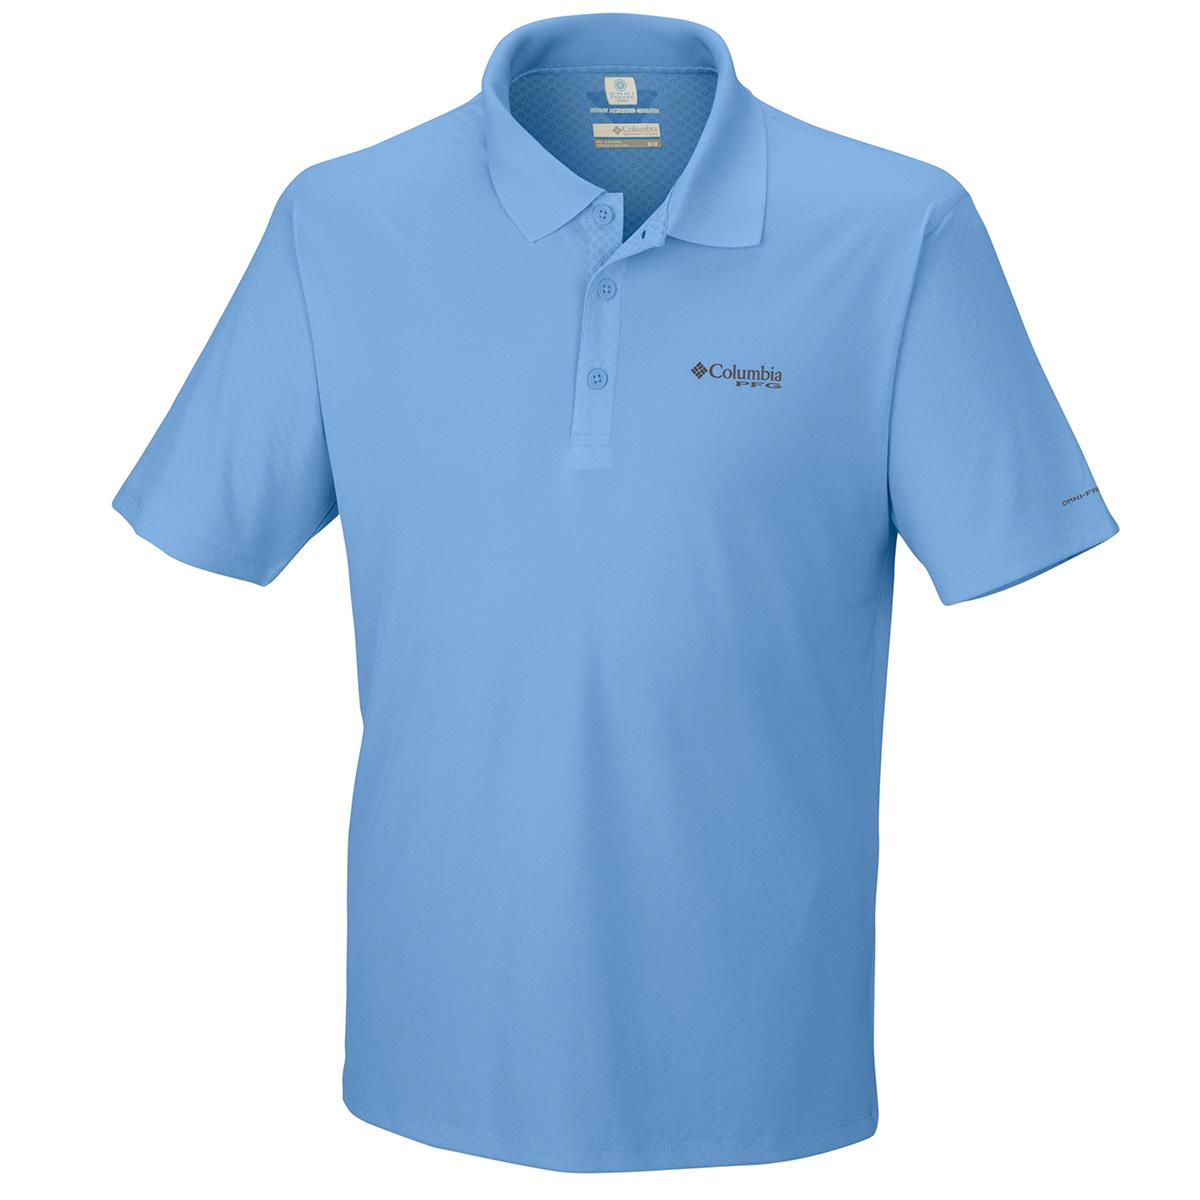 Columbia pfg zero rules polo fishing tshirt ebay for Pfg fishing shirts